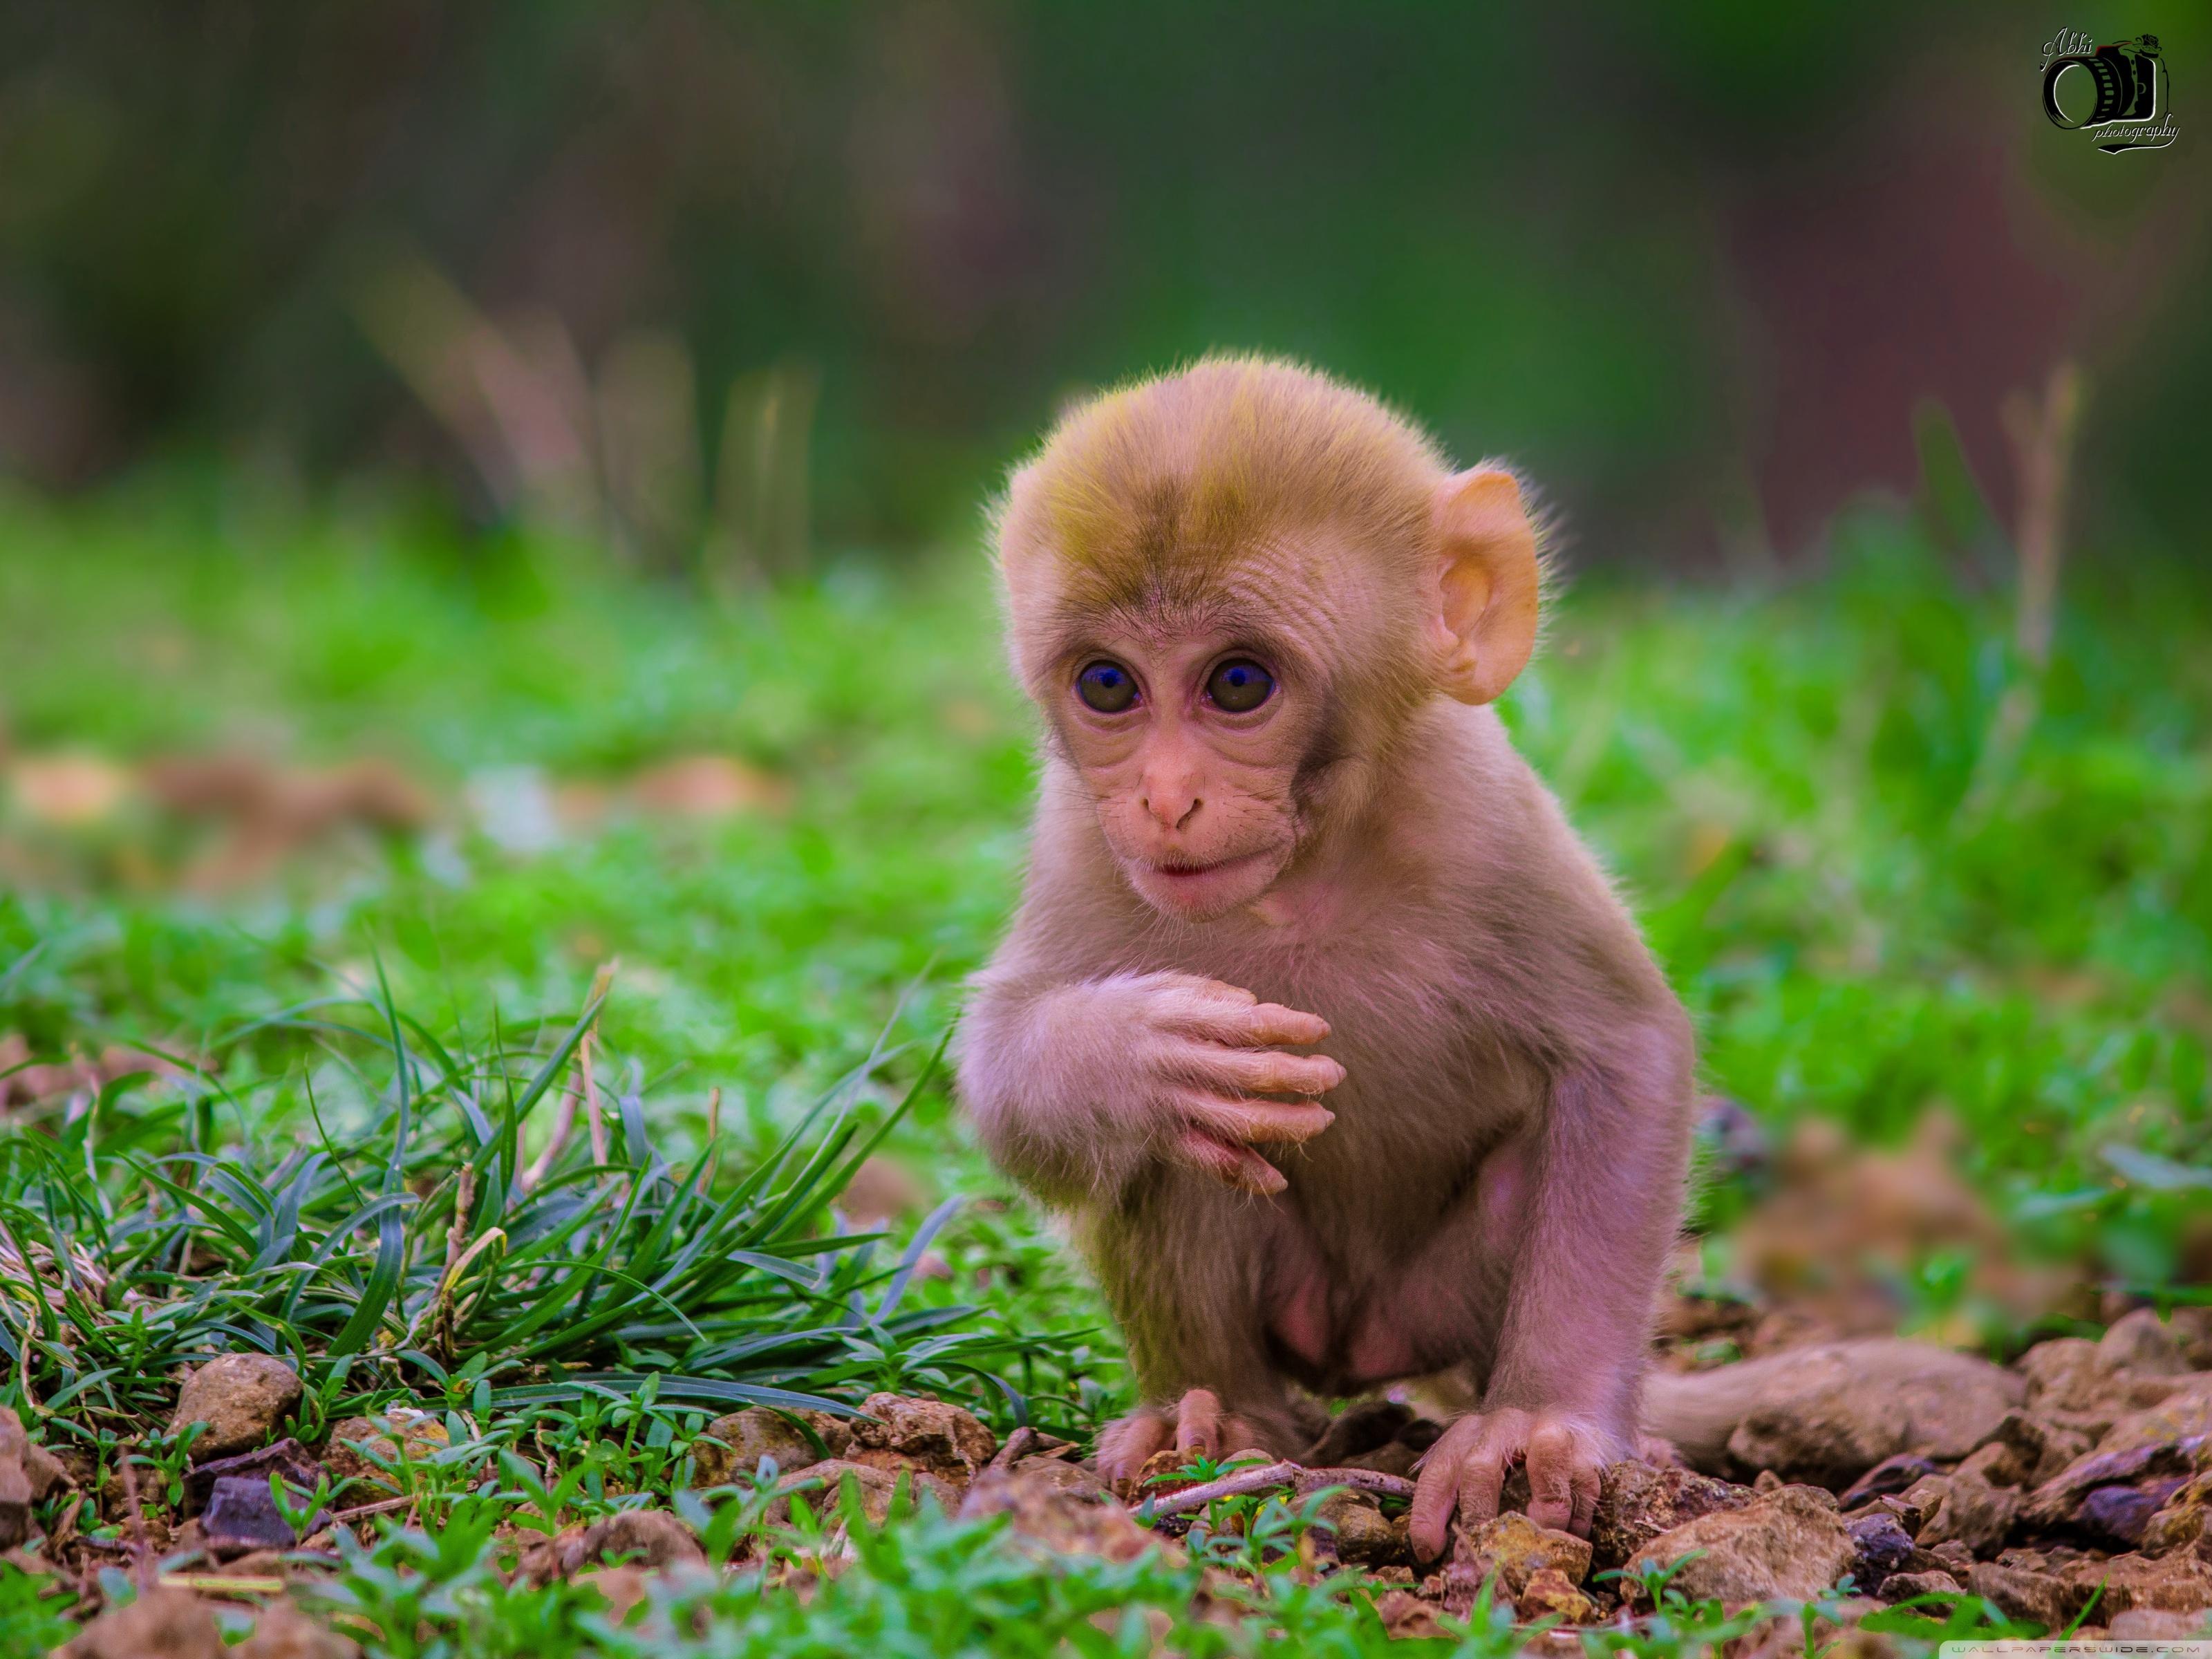 Baby Monkey Cute Monkey Monkeys 3200x2400 Download Hd Wallpaper Wallpapertip